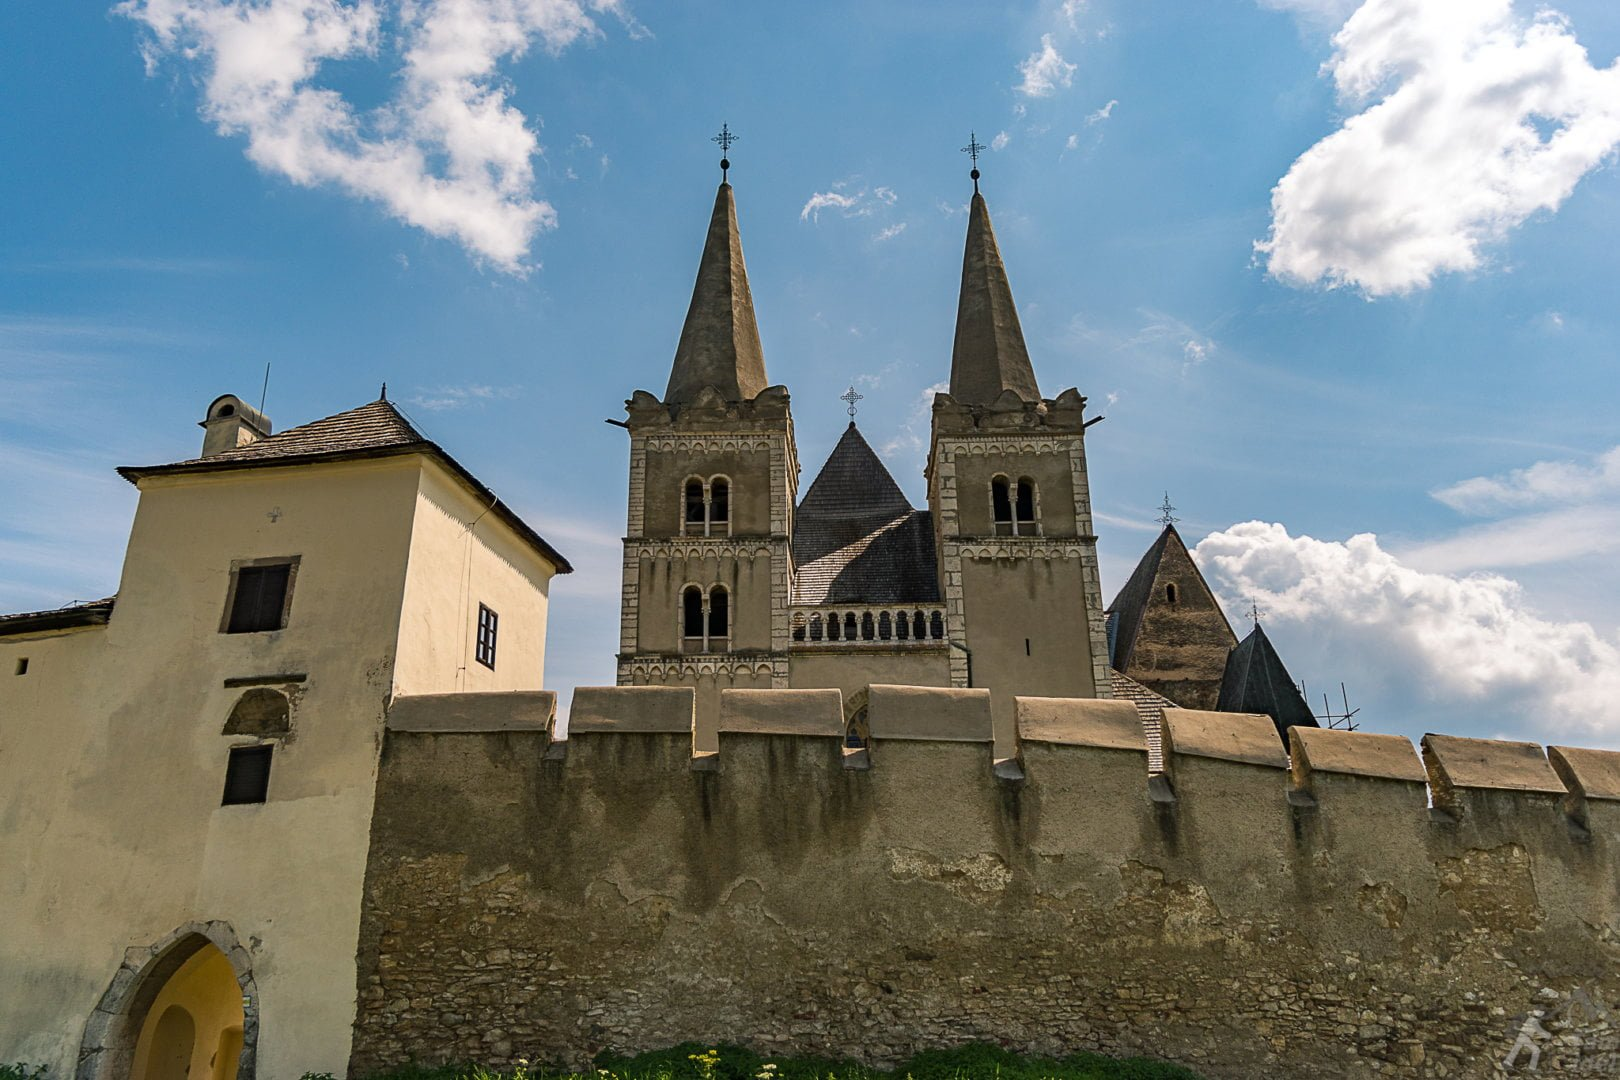 Katedra św. Marcina w Spiskiej Kapitule